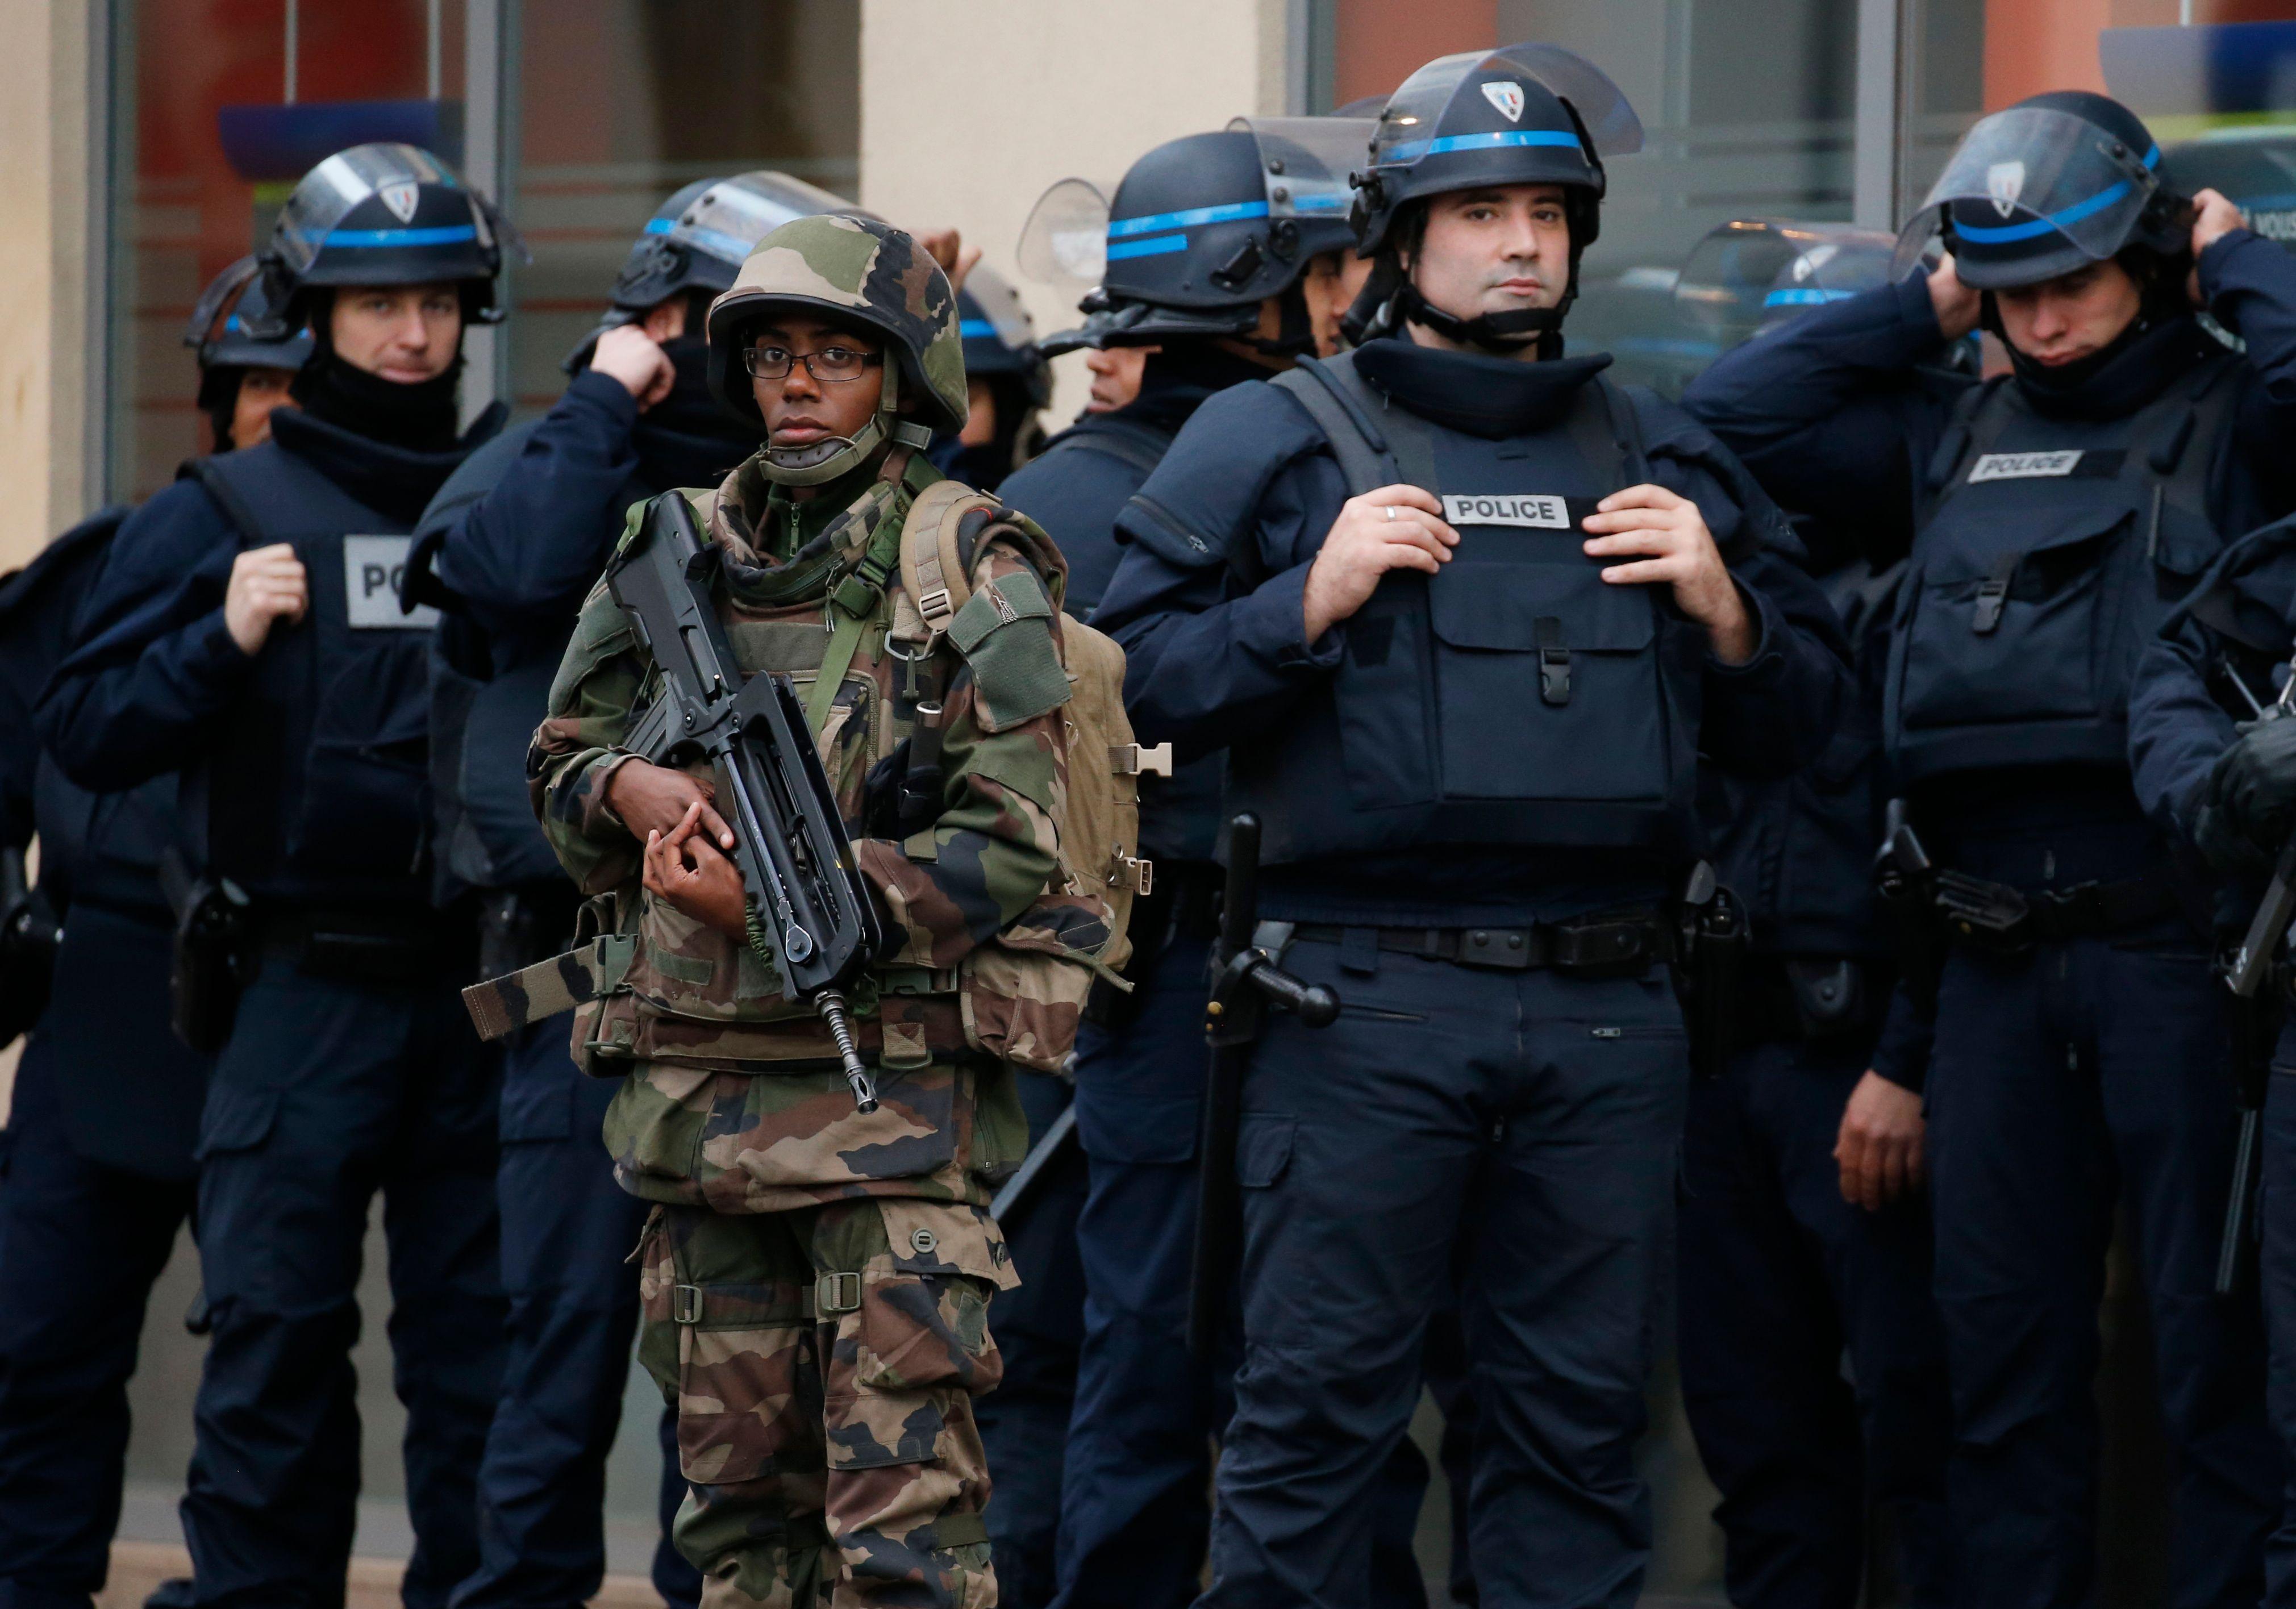 Les forces de l'ordre française manquent de moyens.